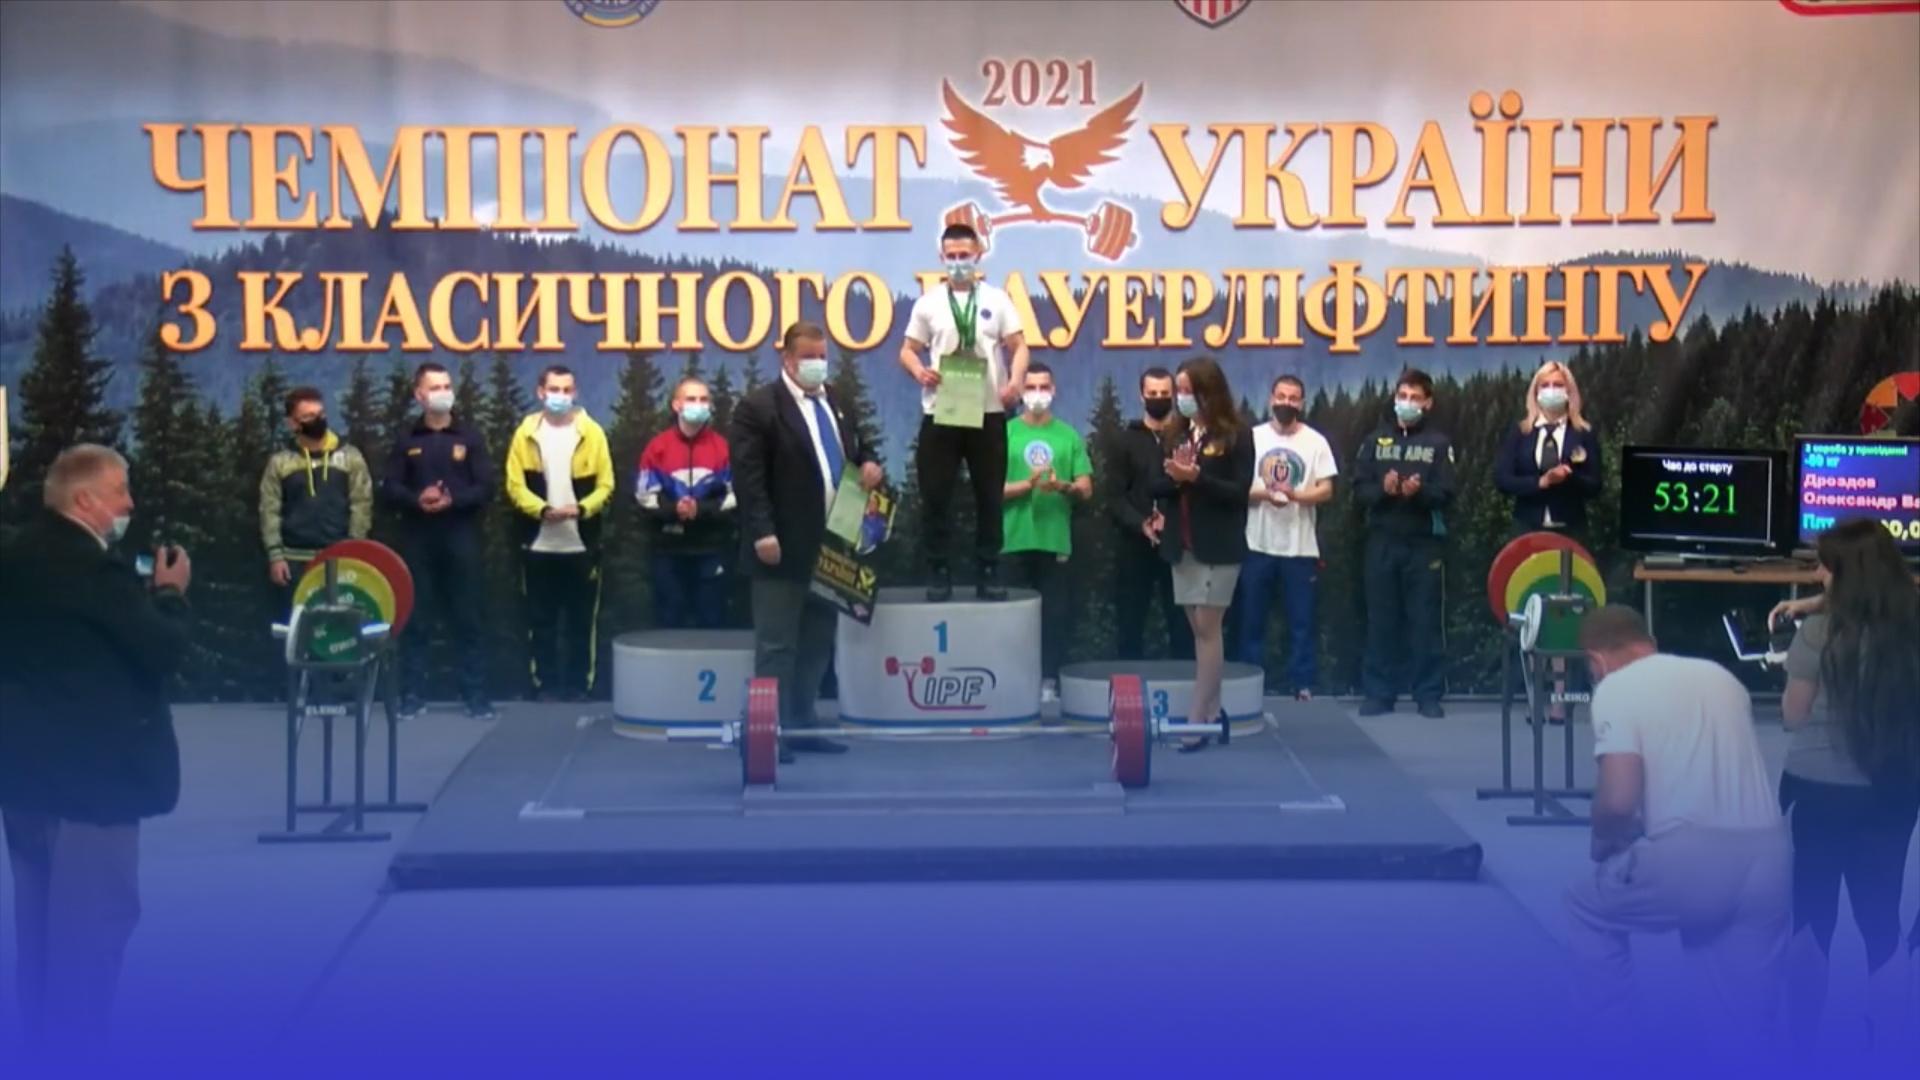 Чемпіон України: Тернопільський рятувальник осилив вагу практично у 4 рази більшу від власної